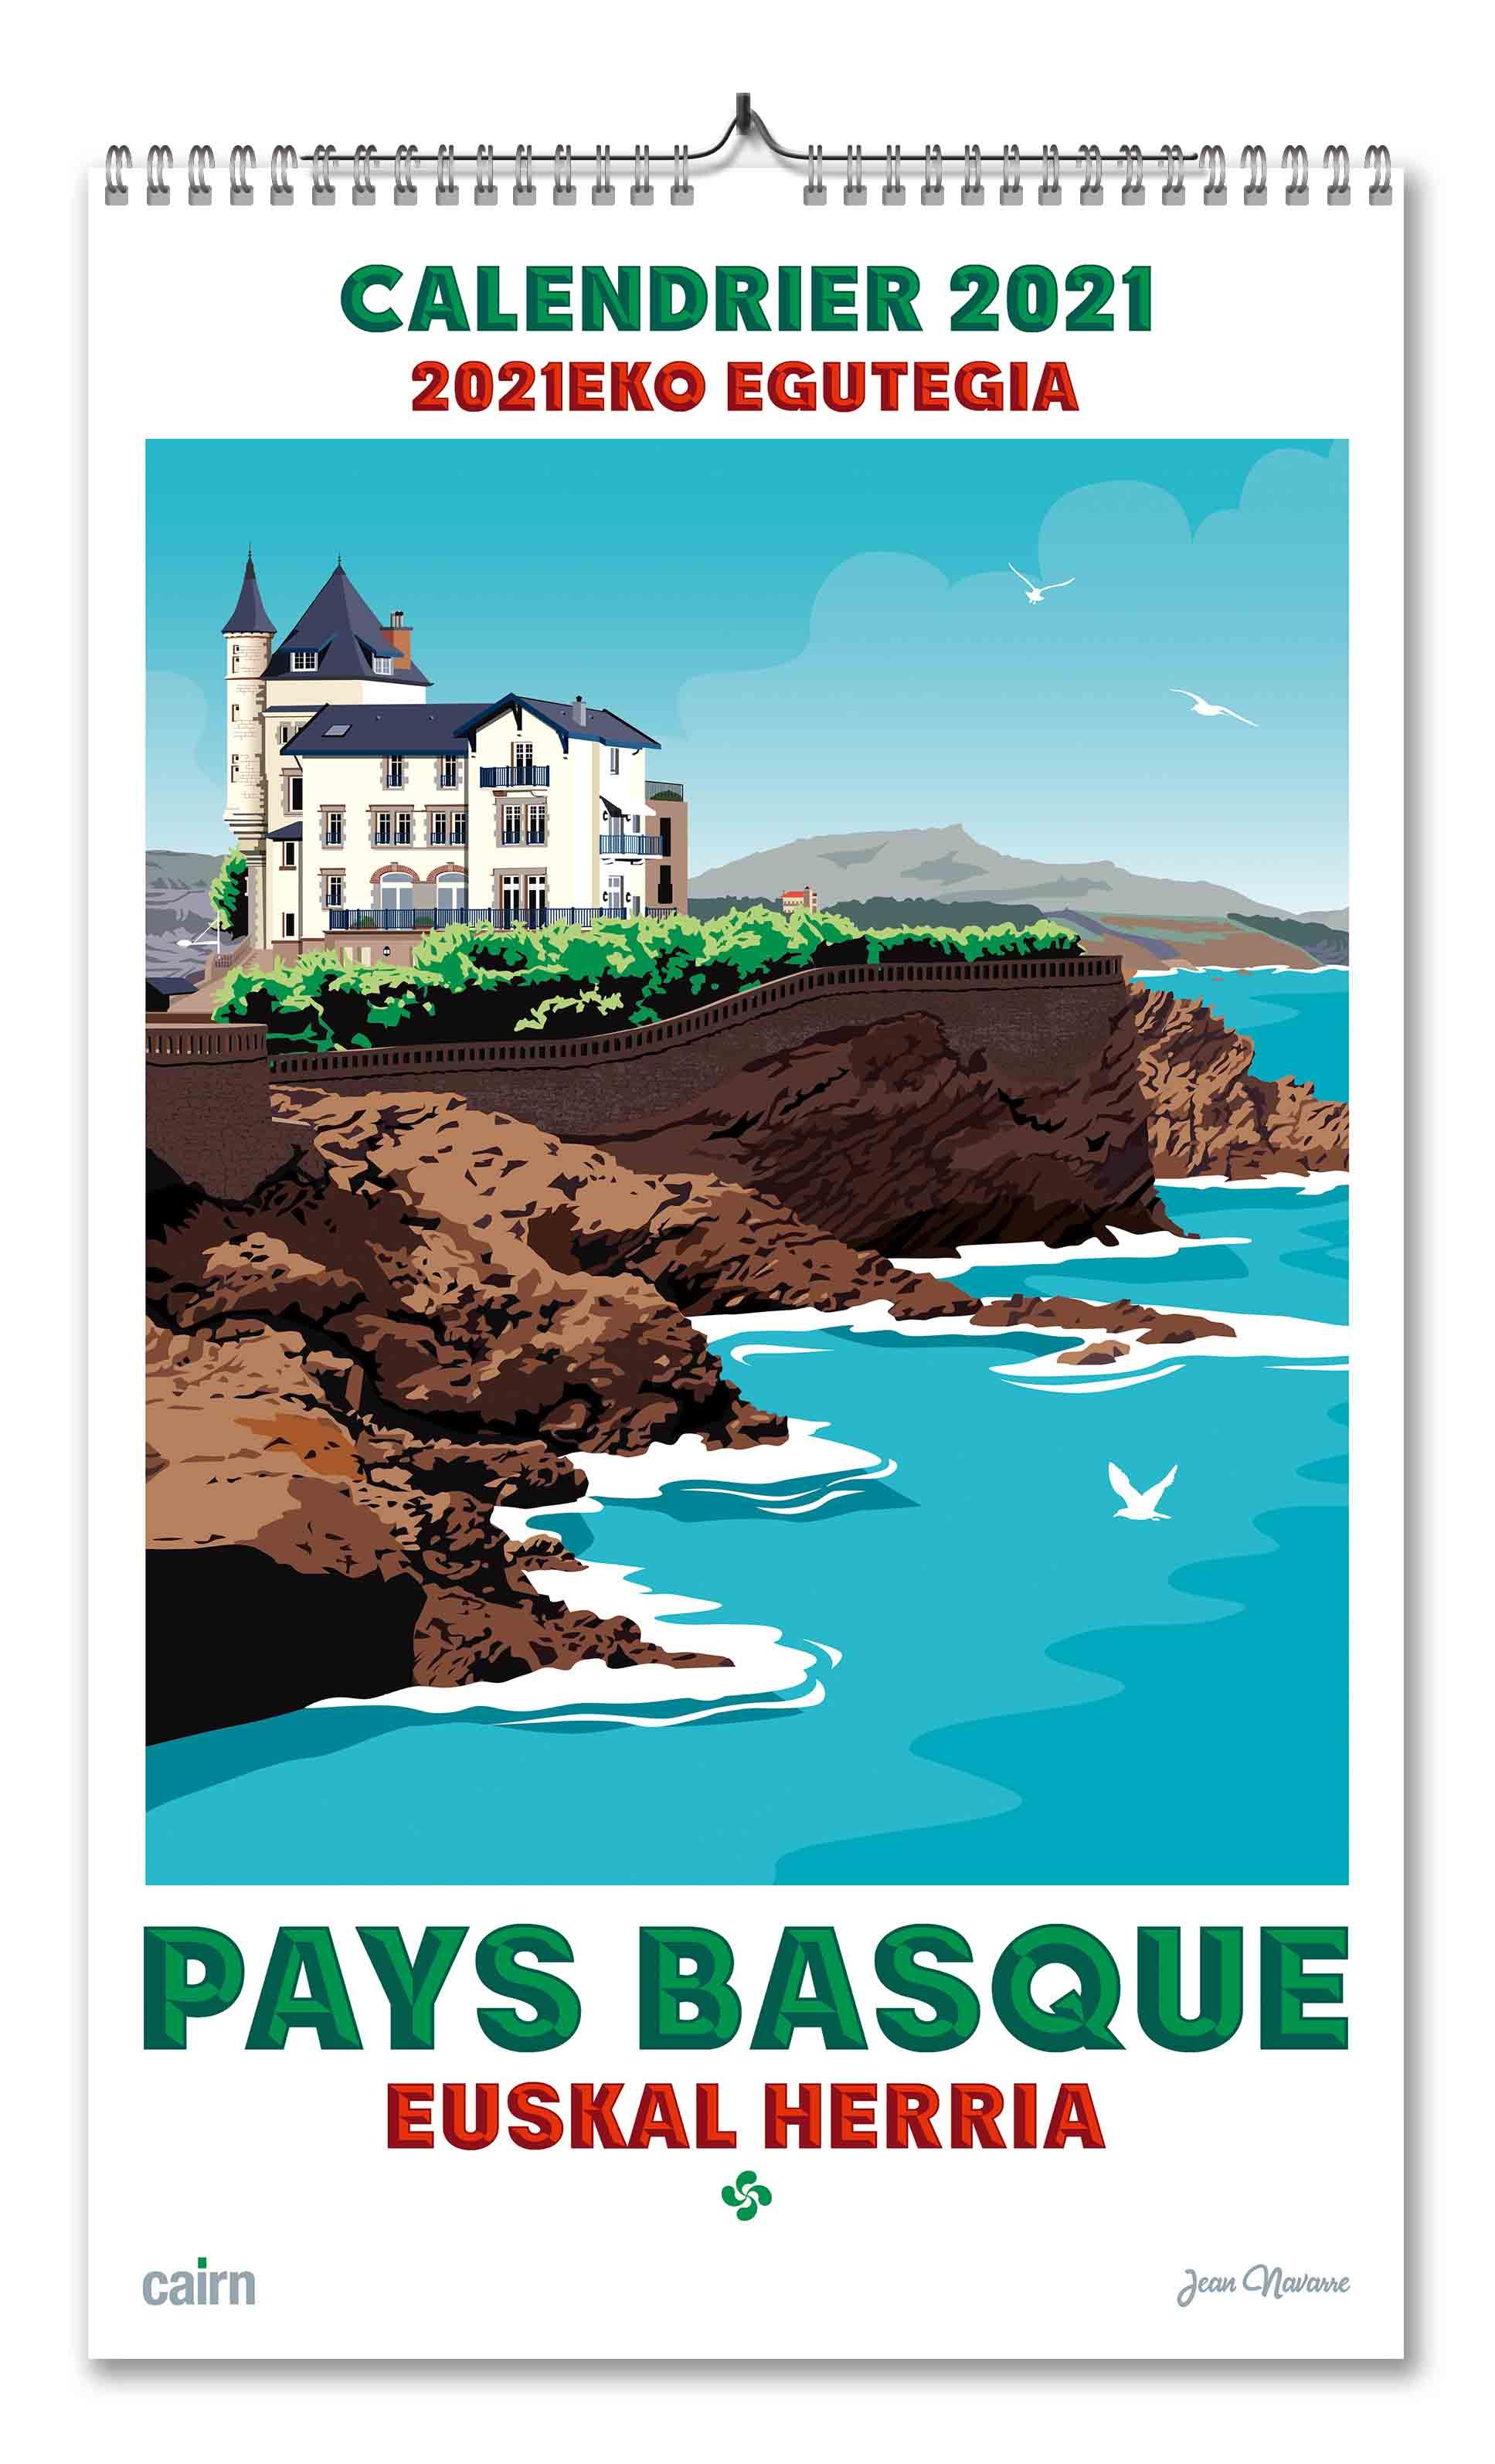 Calendrier 2021 Pays basque de Jean Navarre